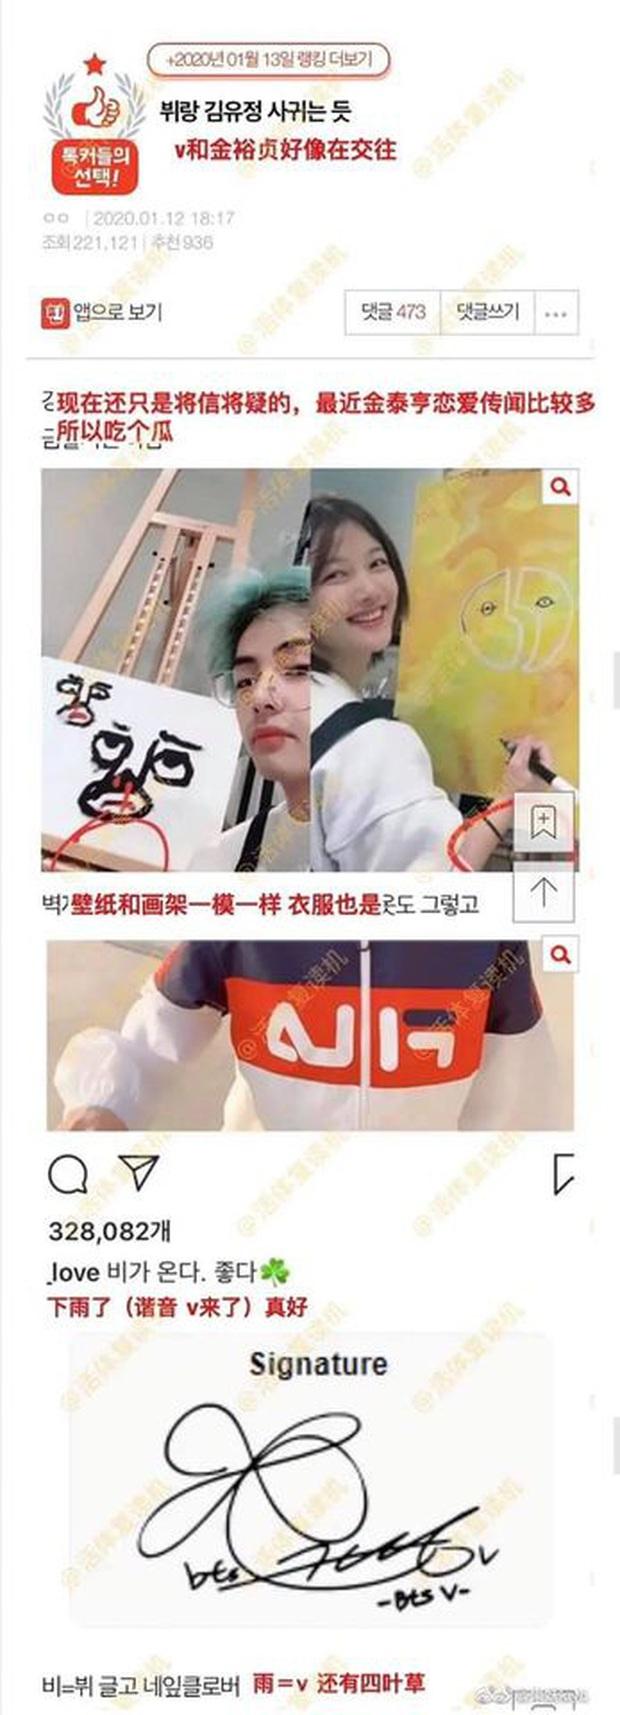 Cnet soi được 1001 bằng chứng V (BTS) hẹn hò sao nhí quốc dân Kim Yoo Jung rõ như ban ngày, còn ở cùng khách sạn? - Ảnh 15.